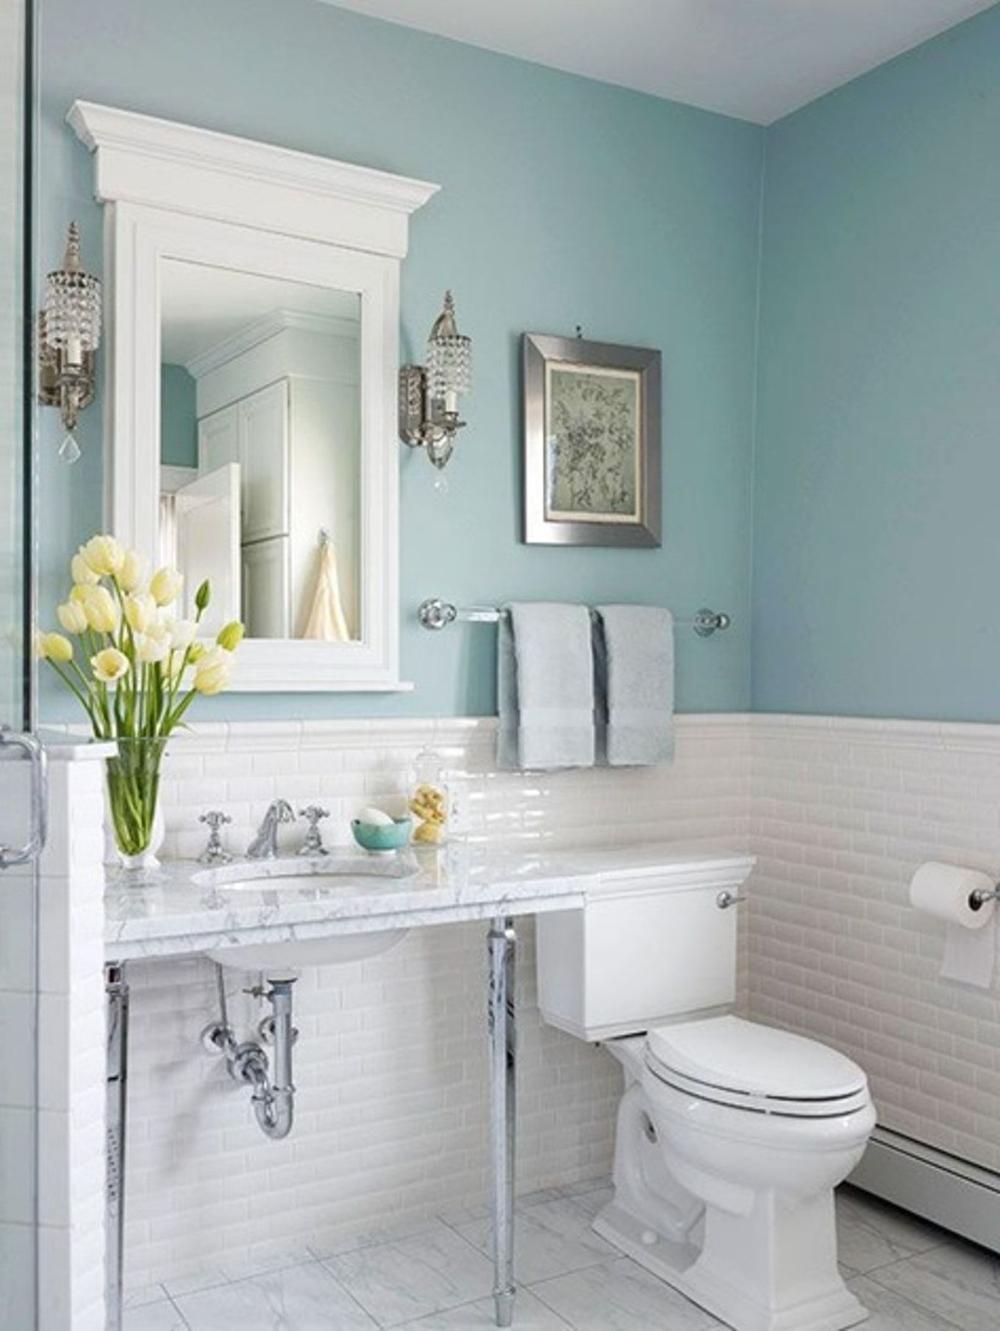 cuadros decorativos para baño - Búsqueda de Google en 2020 ...